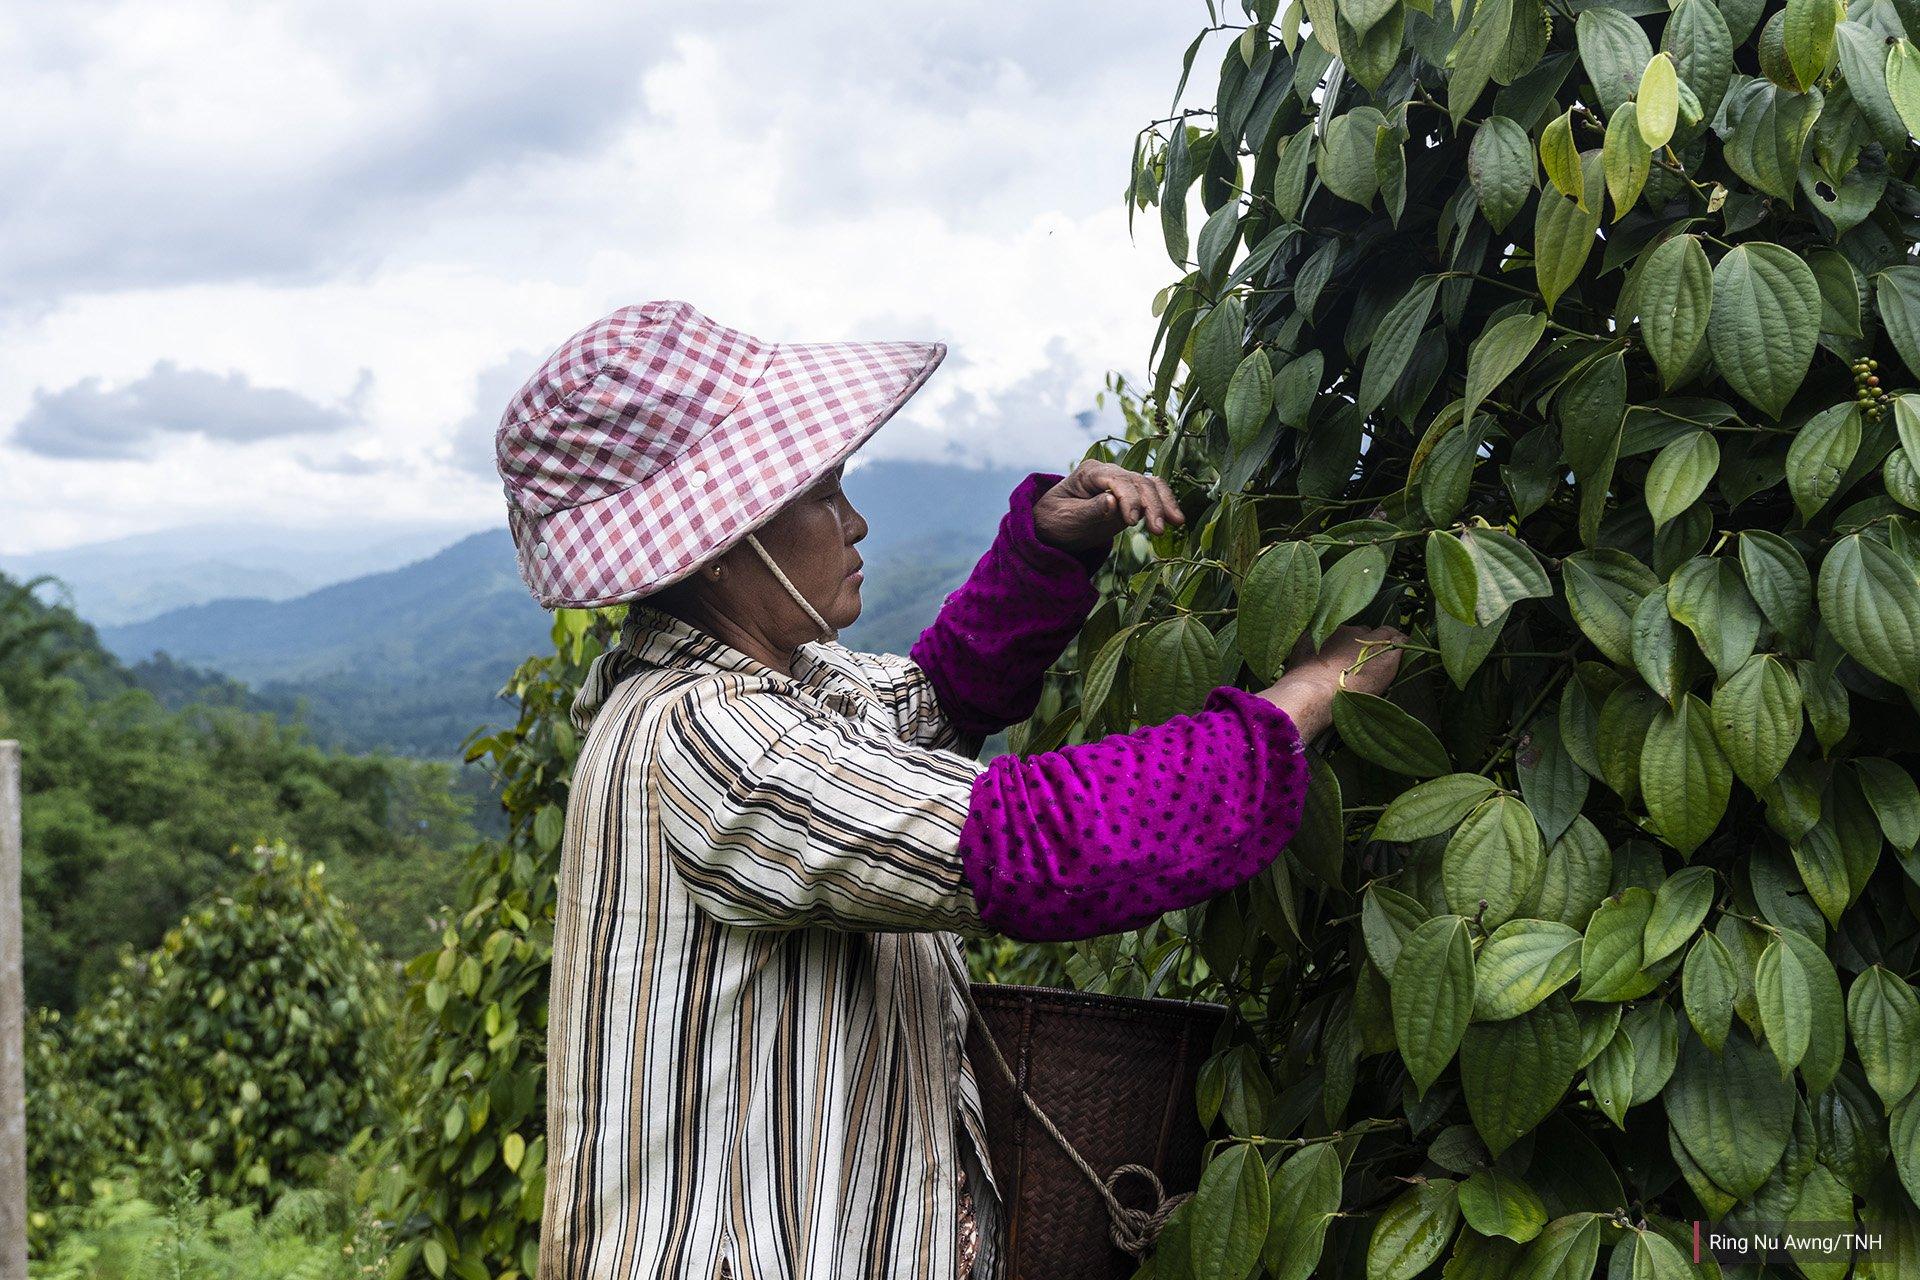 Labang Nan Doi, 56, picks peppercorns